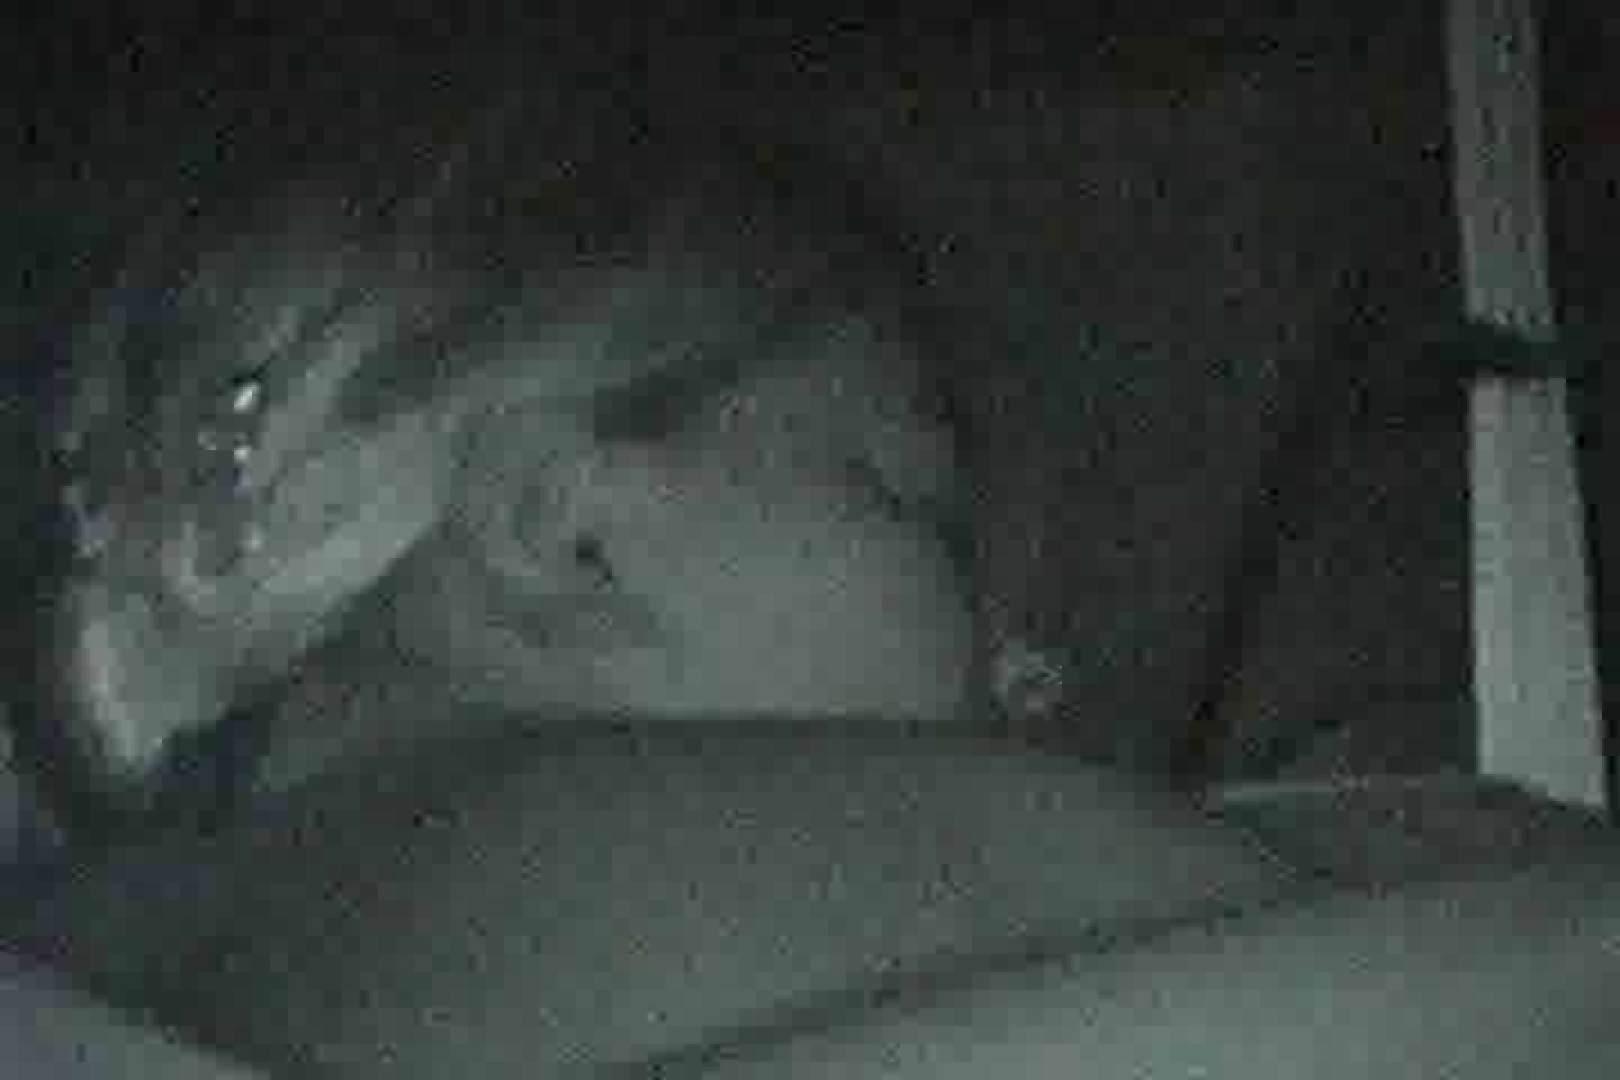 充血監督の深夜の運動会Vol.23 ギャルのエロ動画 ワレメ無修正動画無料 88画像 4